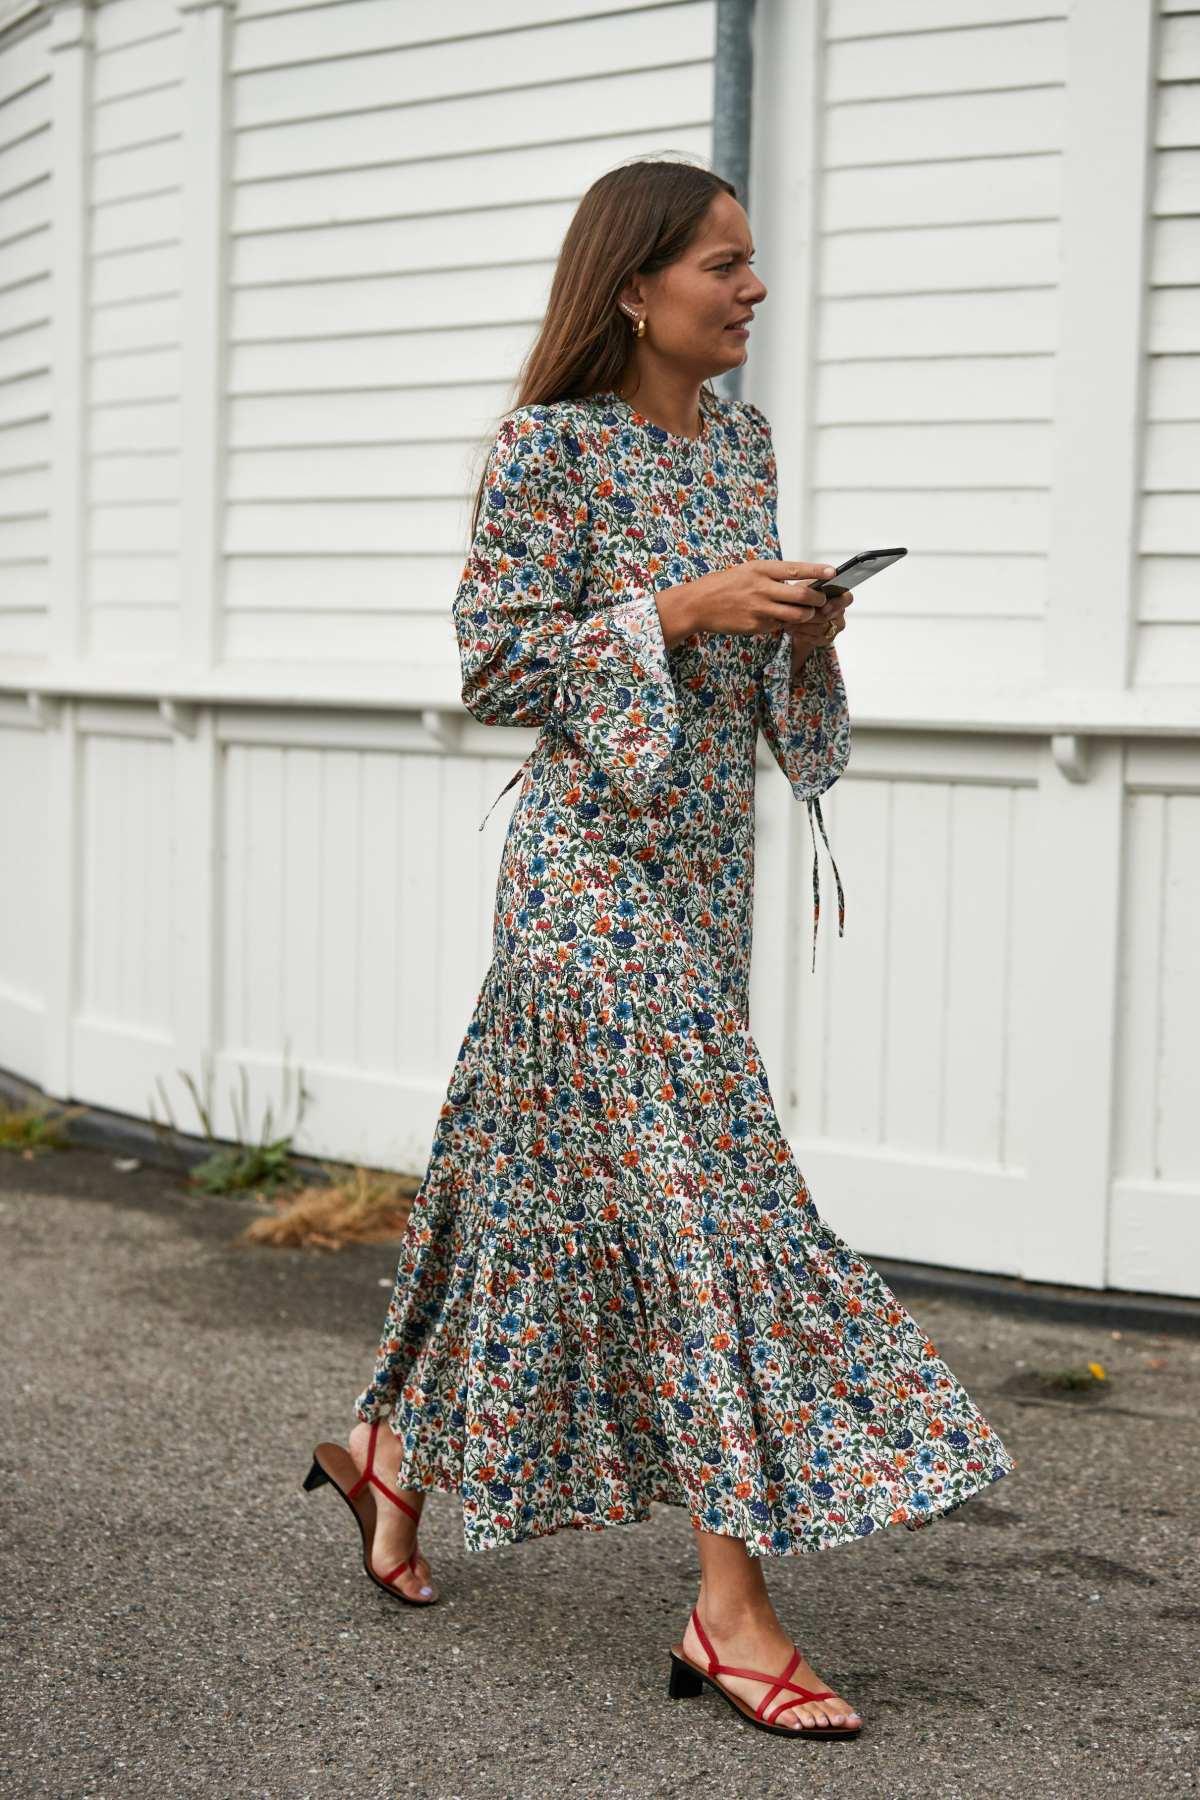 Jakie Buty Do Sukienki Trendy Wiosna Lato 2020 Blog Pyskaty Zamsz